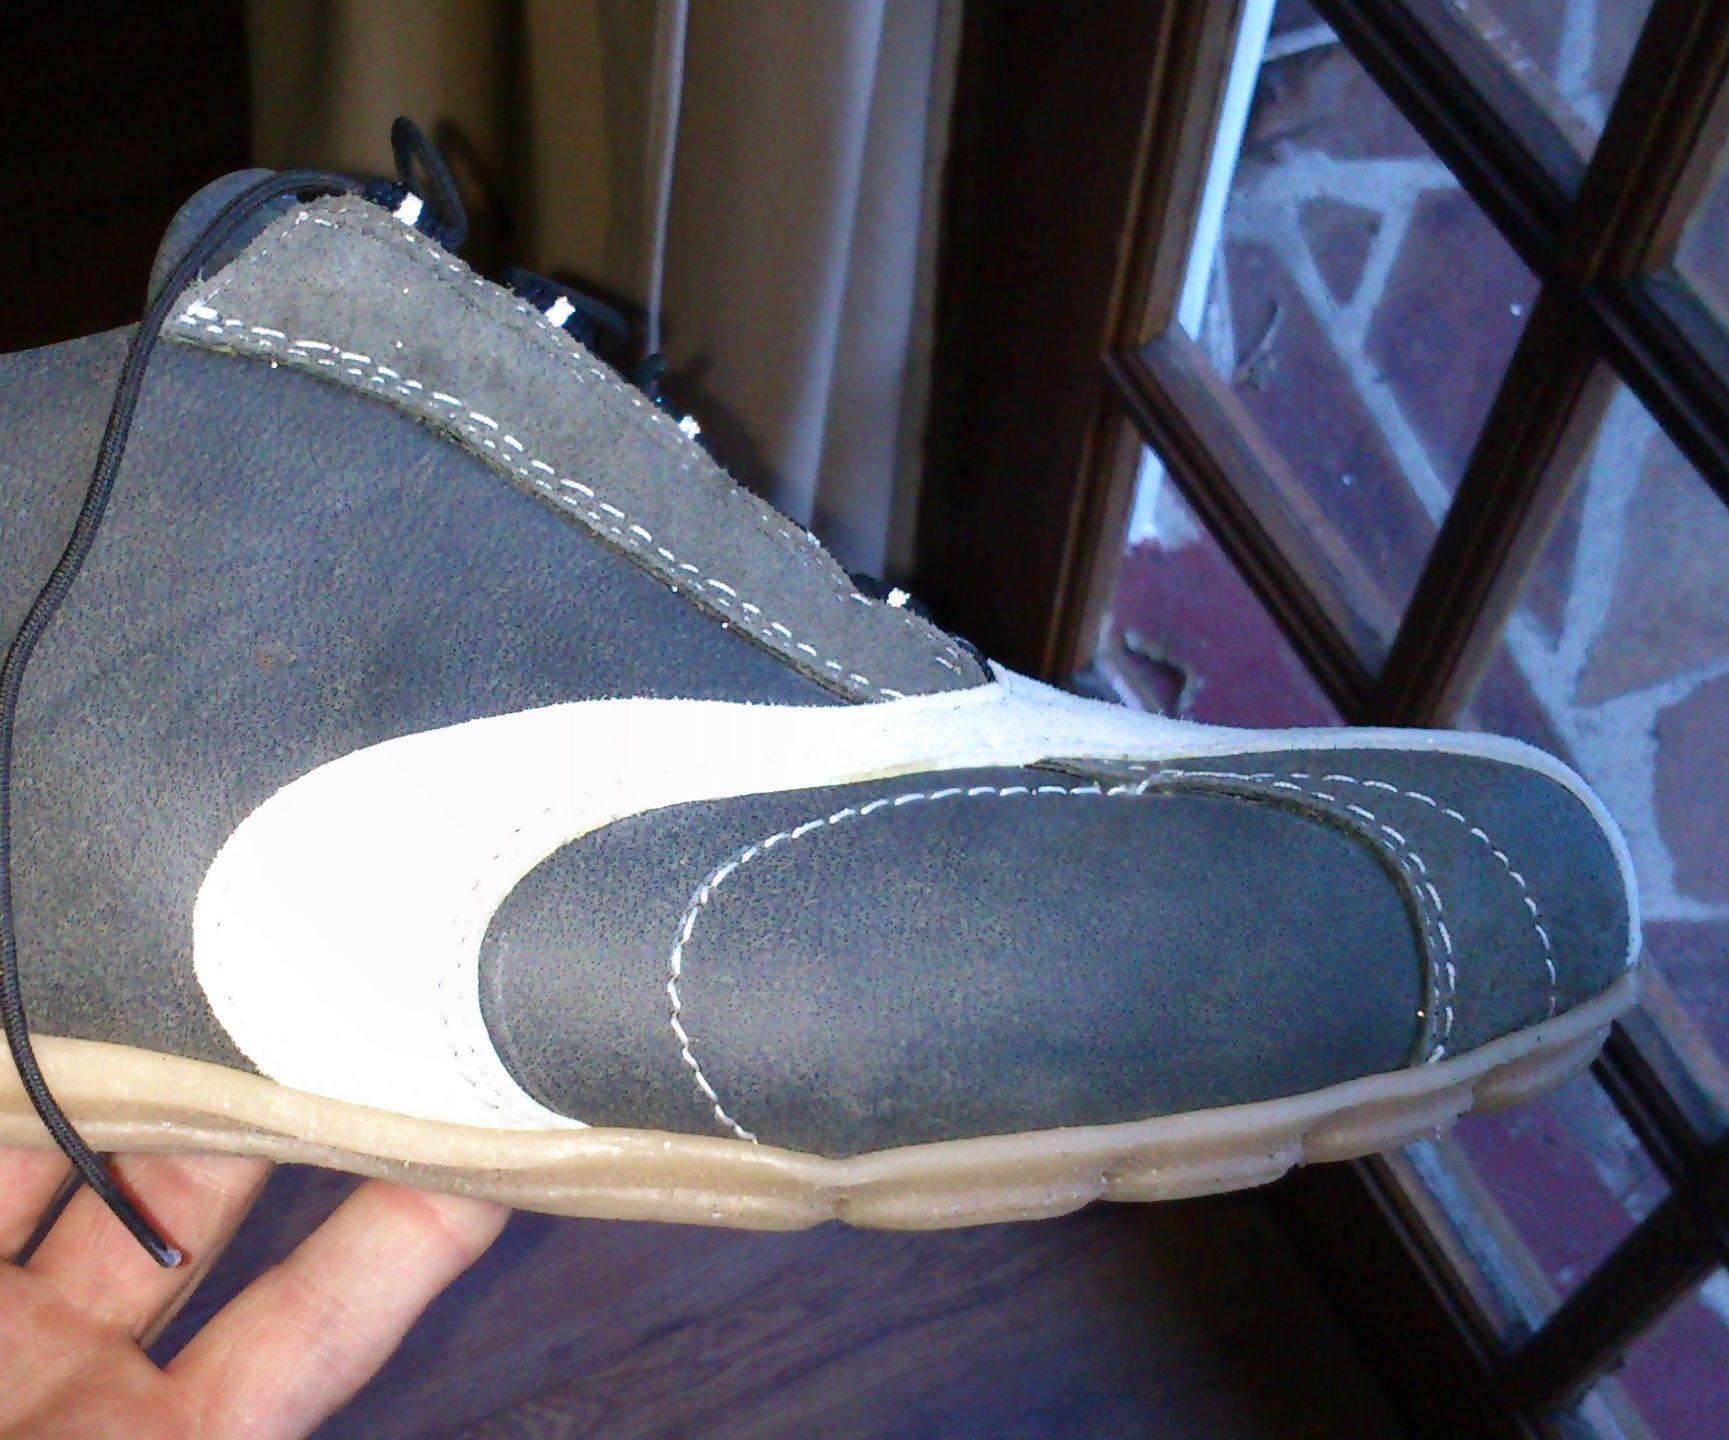 Shoe sole molding